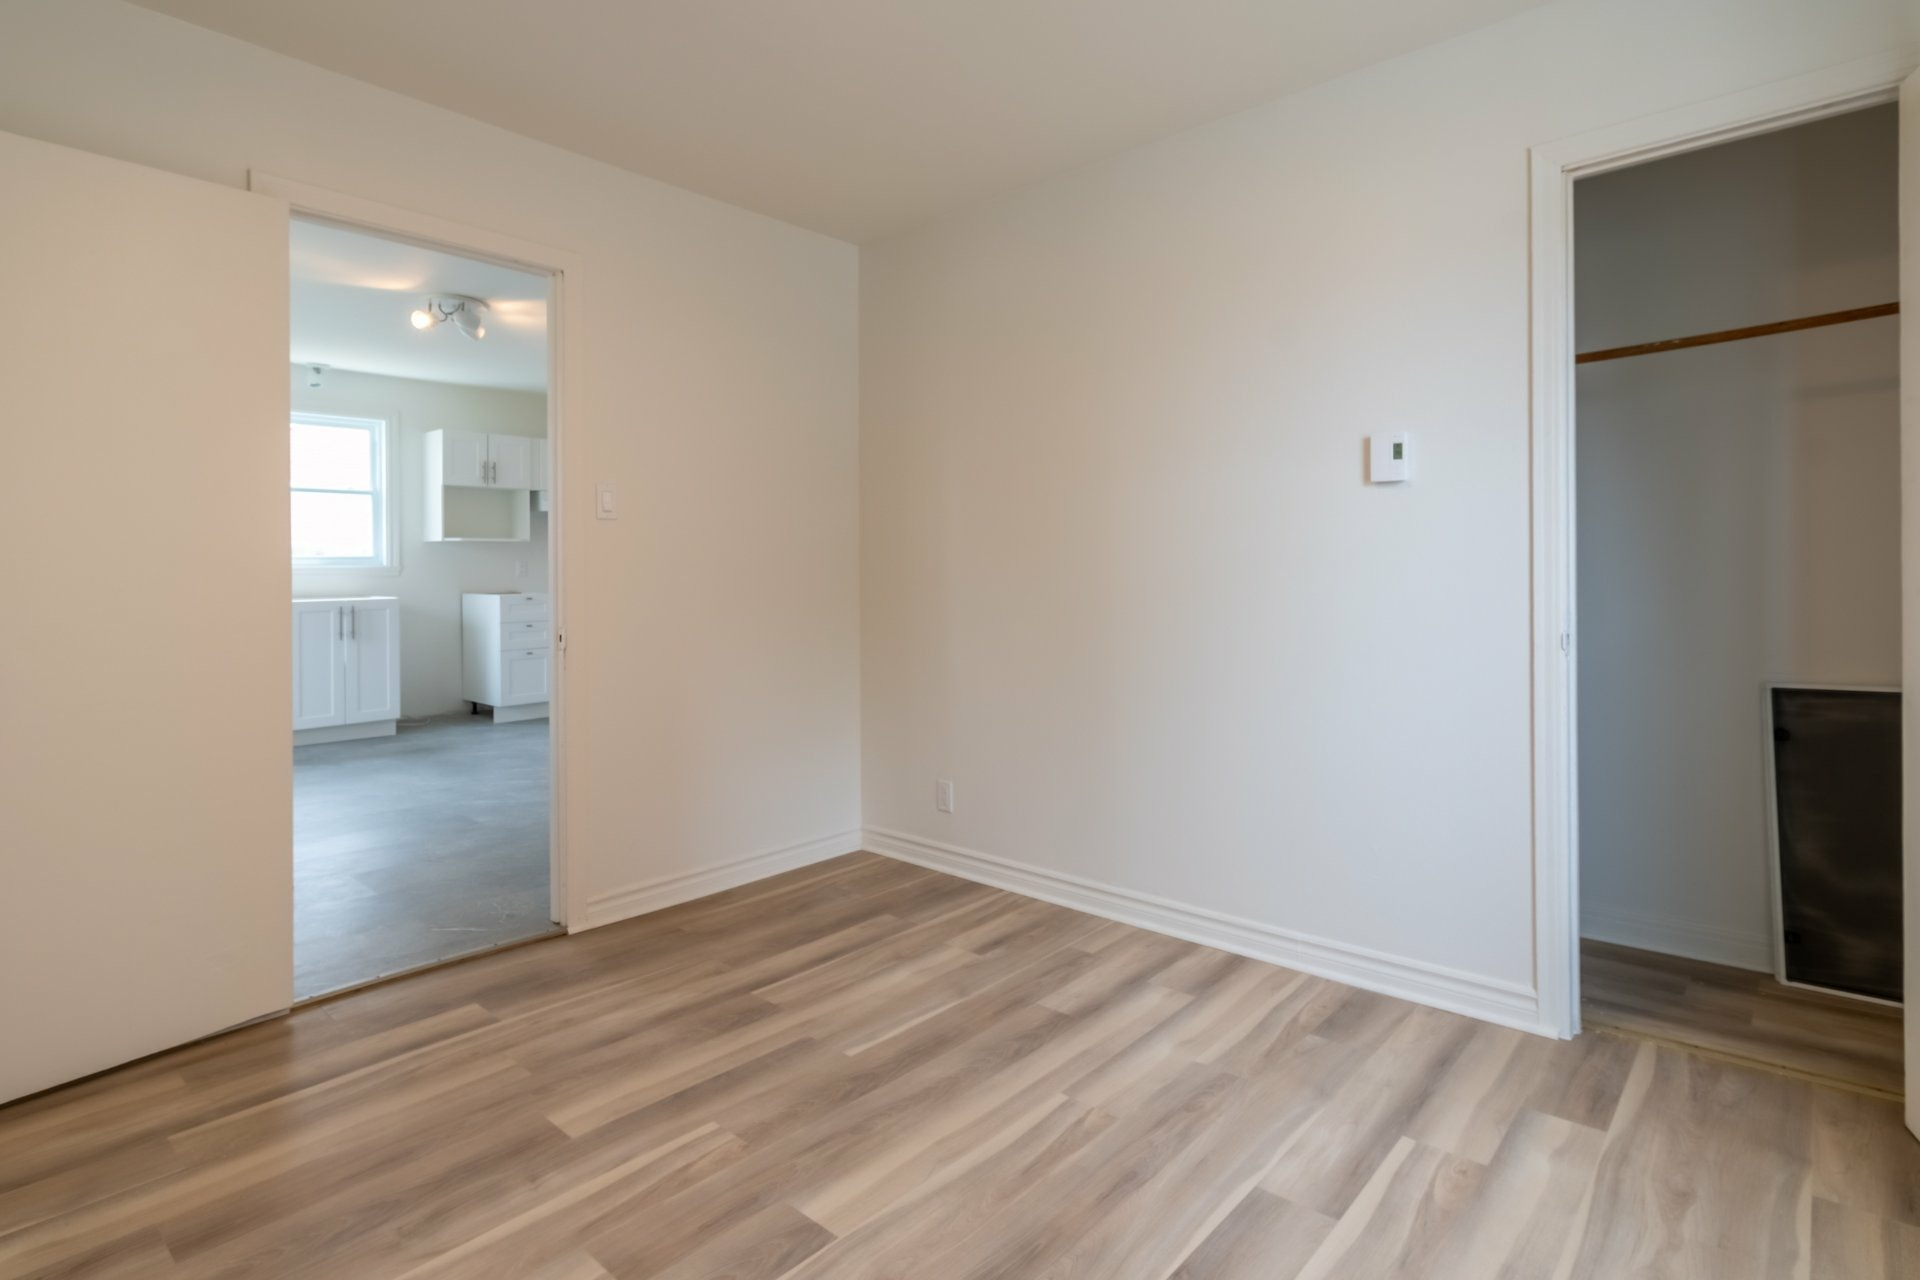 image 12 - Duplex For sale Trois-Rivières - 5 rooms